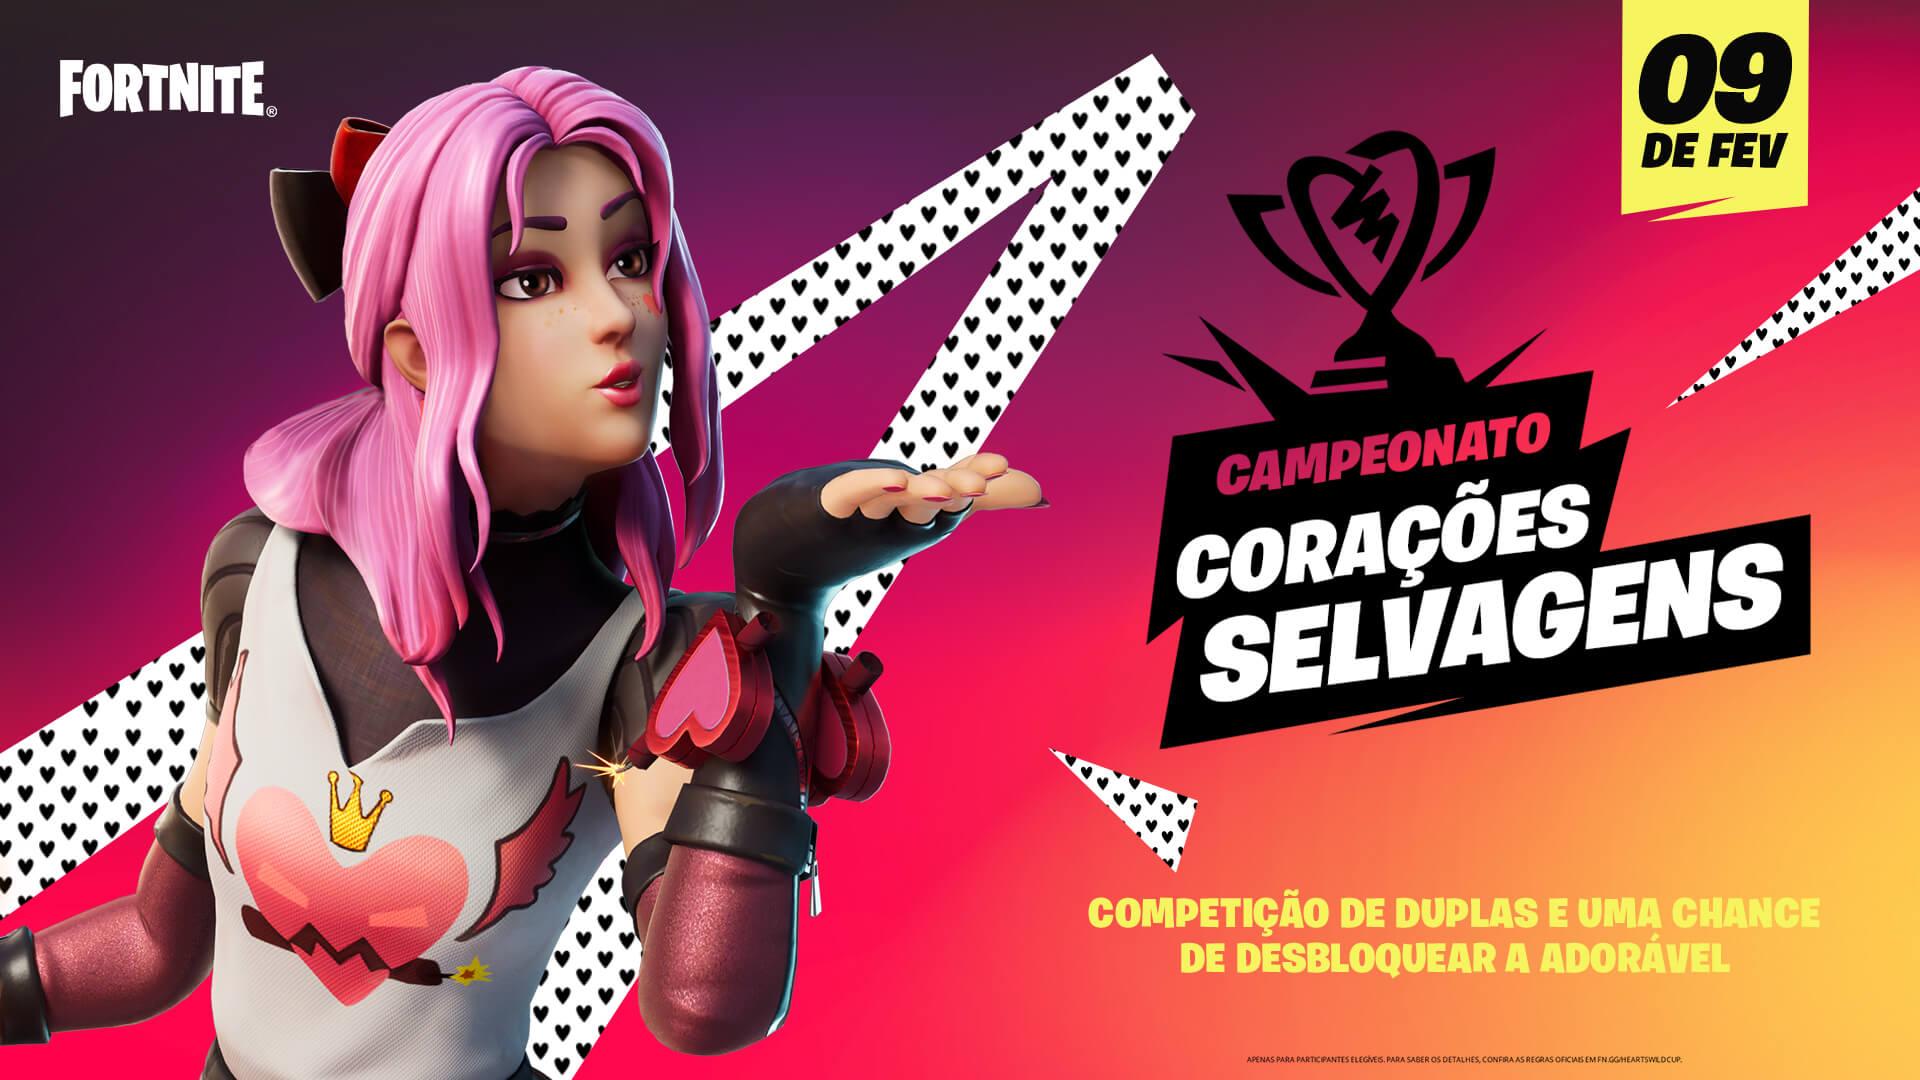 Campeonato Corações Selvagens no Fortnite